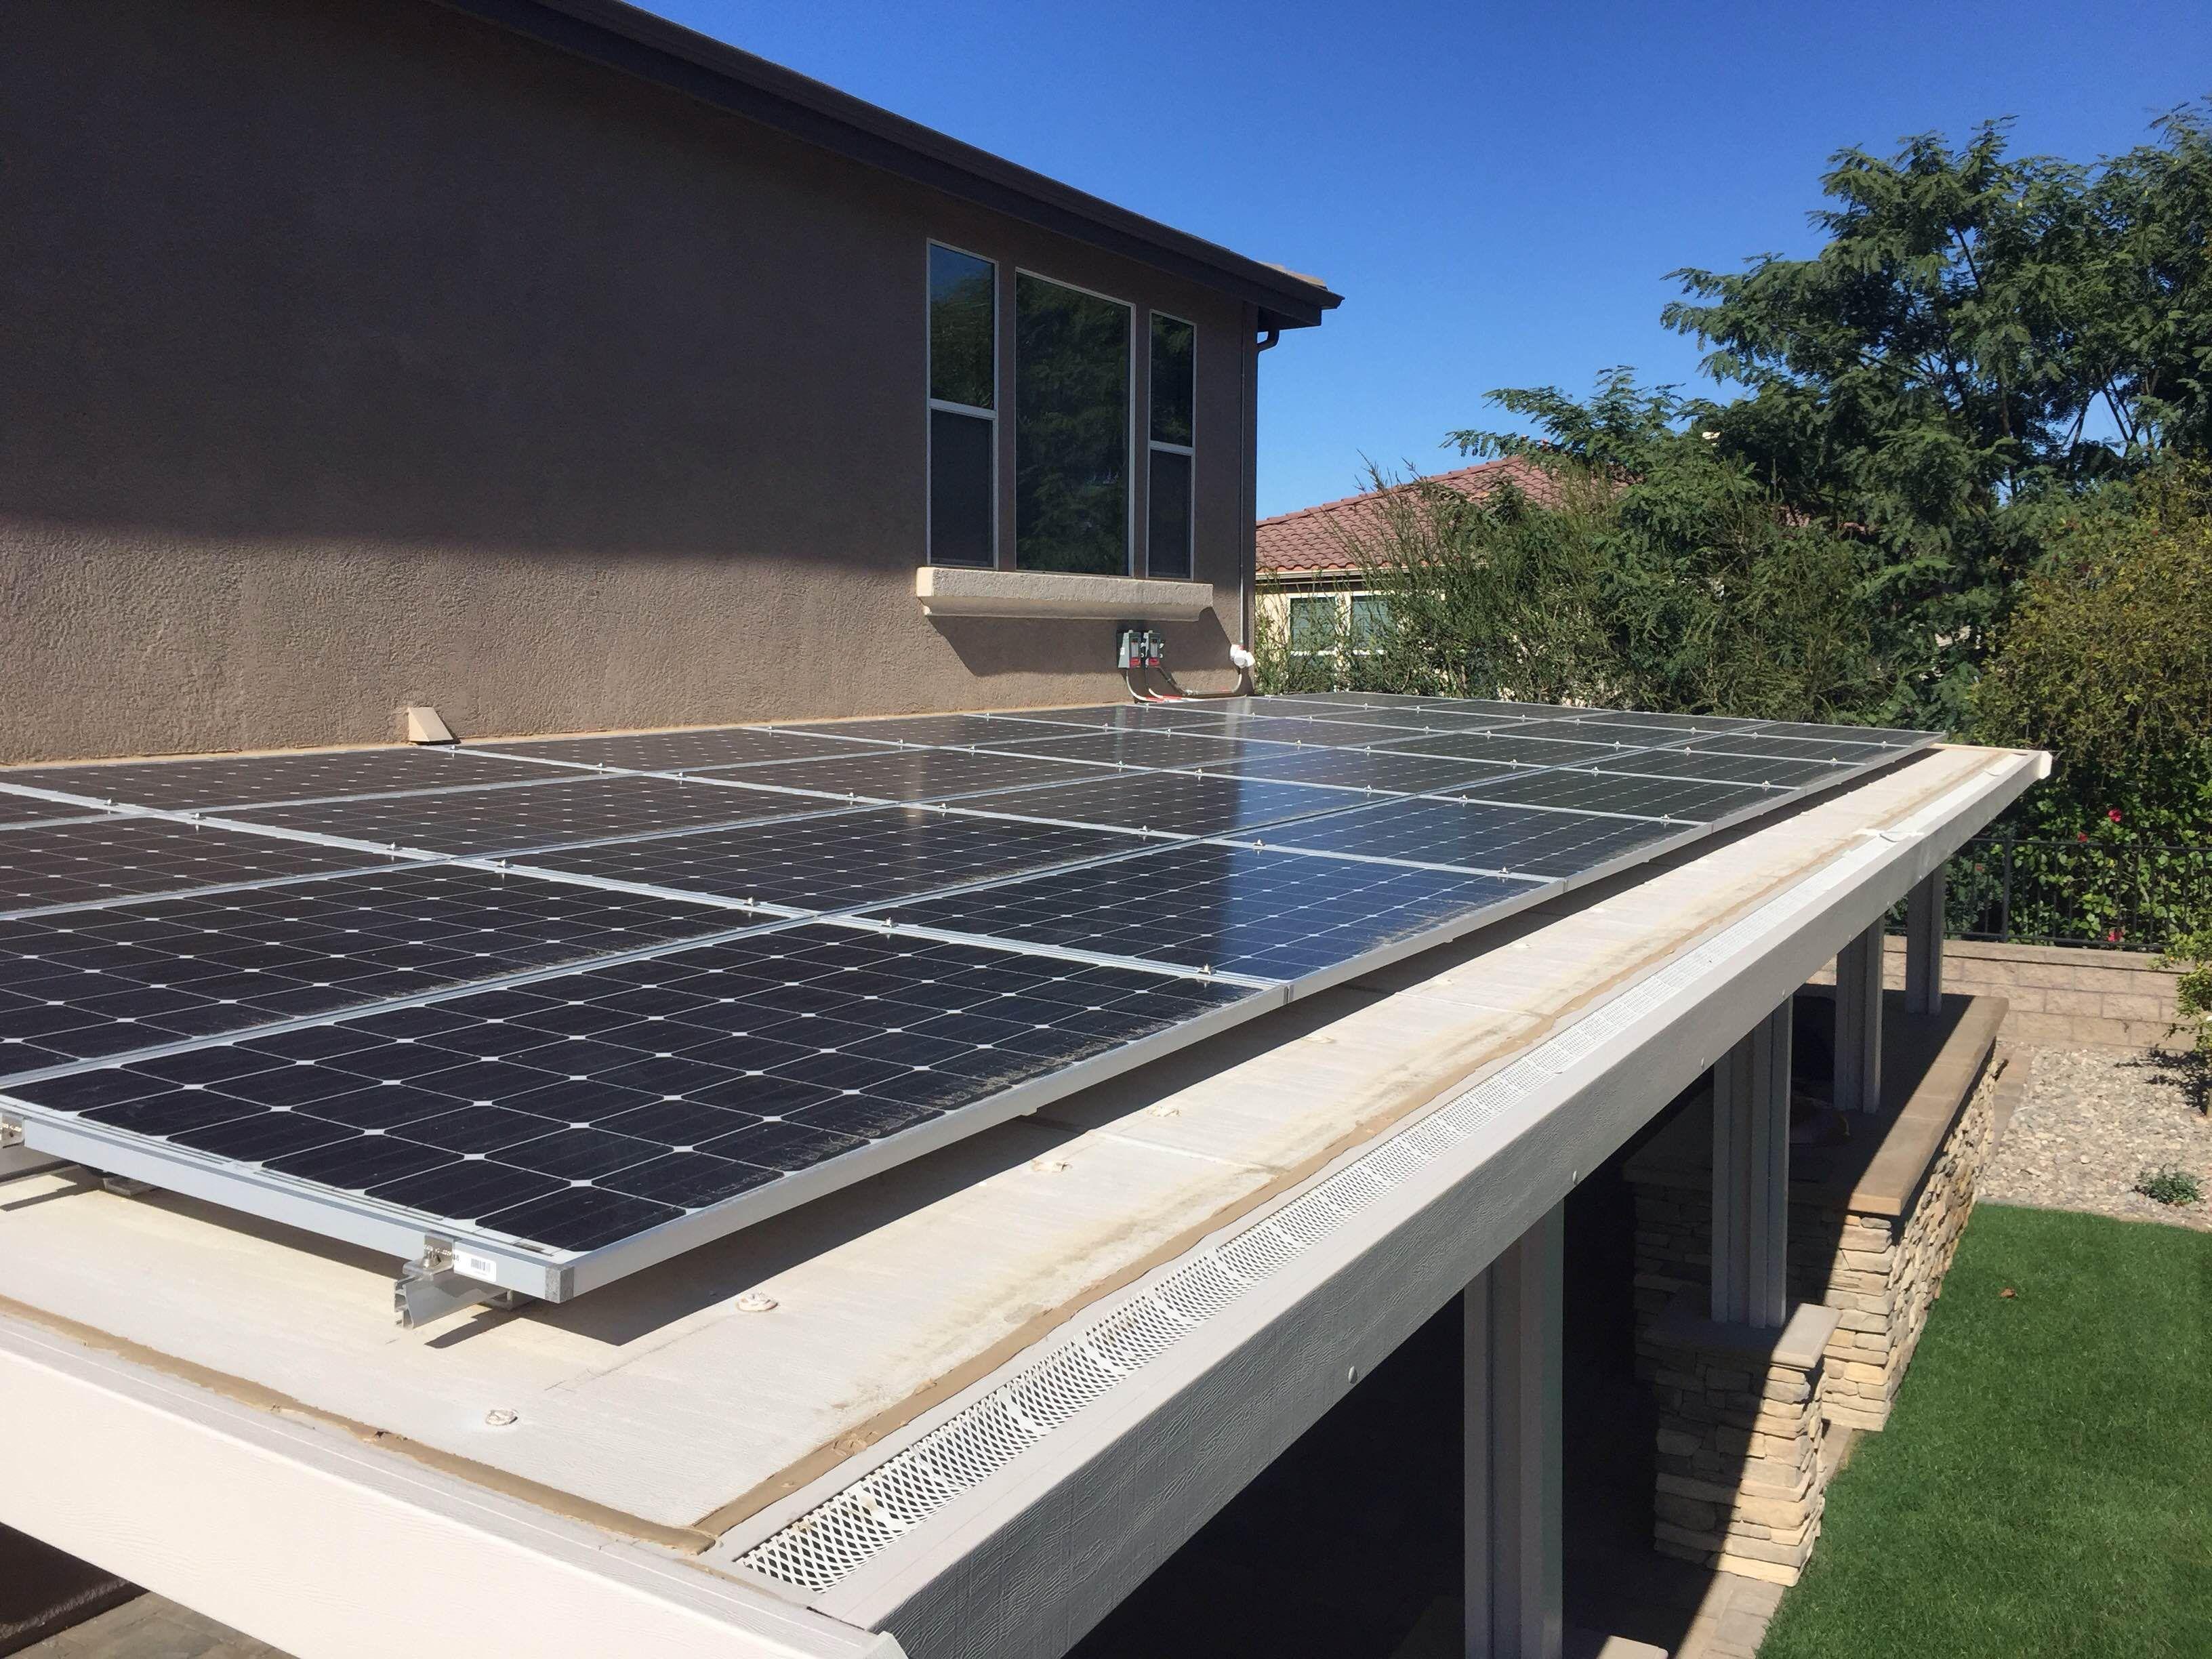 Solar ready patio Covers 1 Solar Panels on Pergola